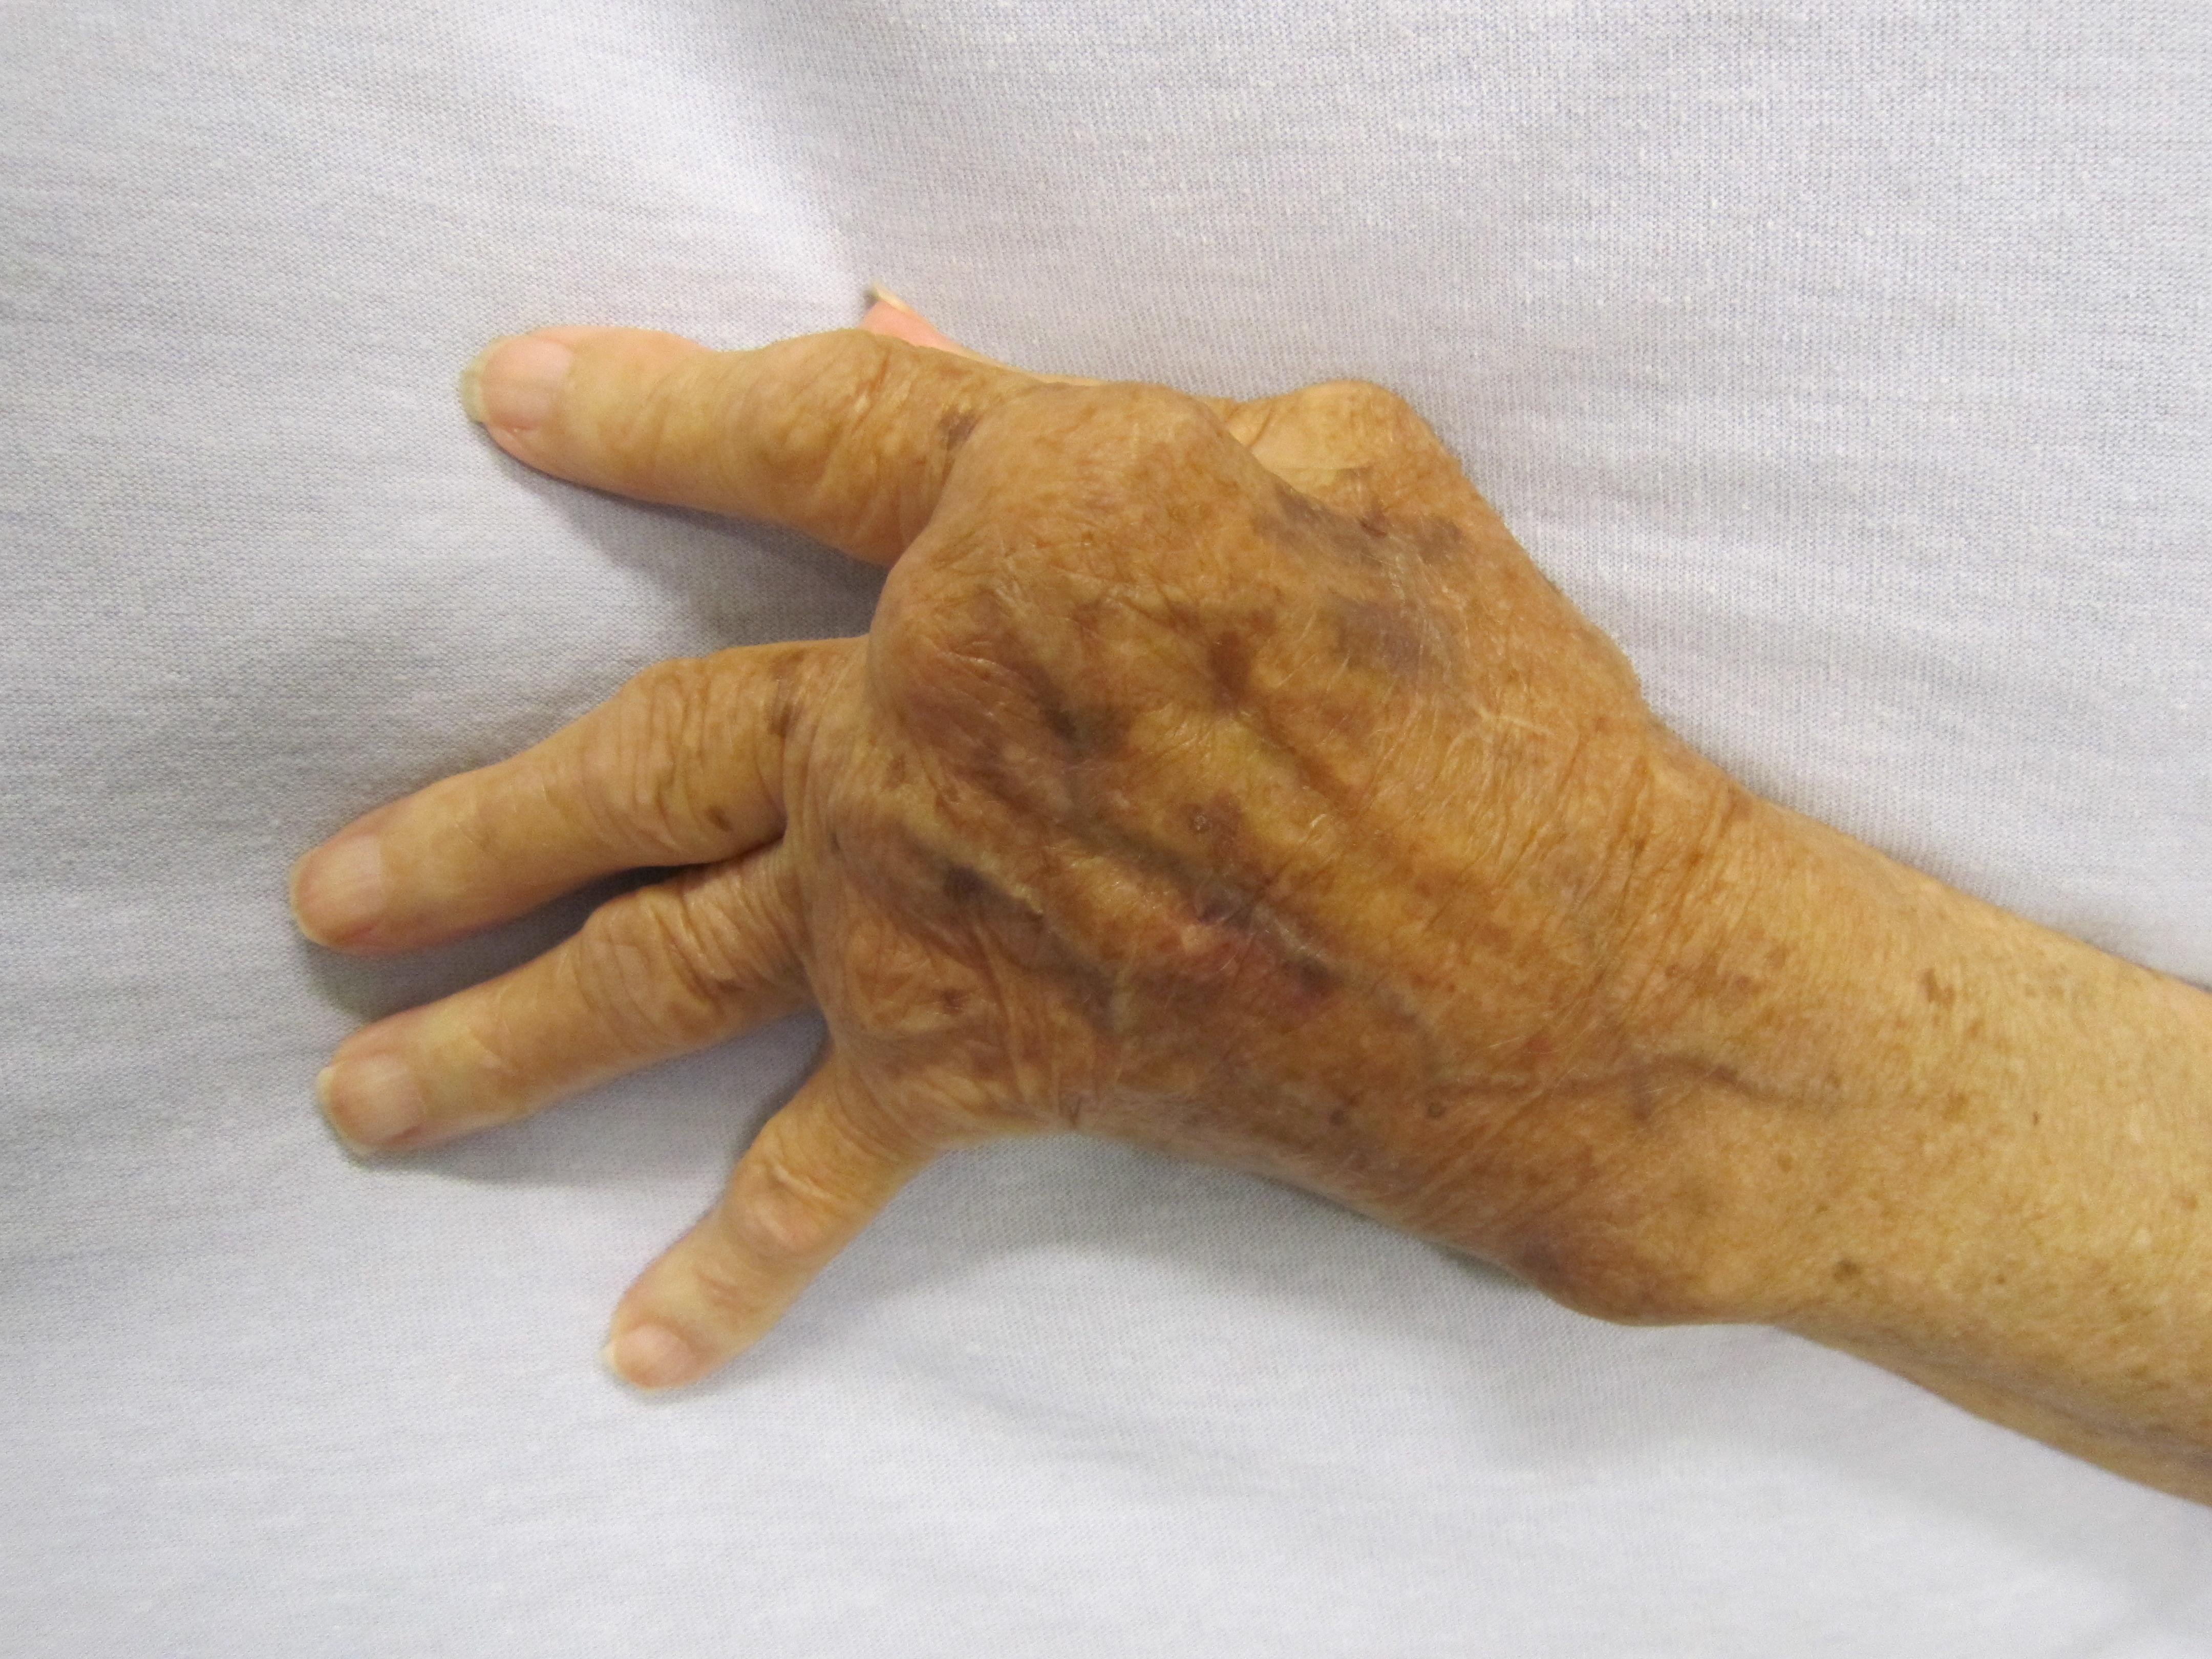 ízületi betegség, rheumatoid arthritis